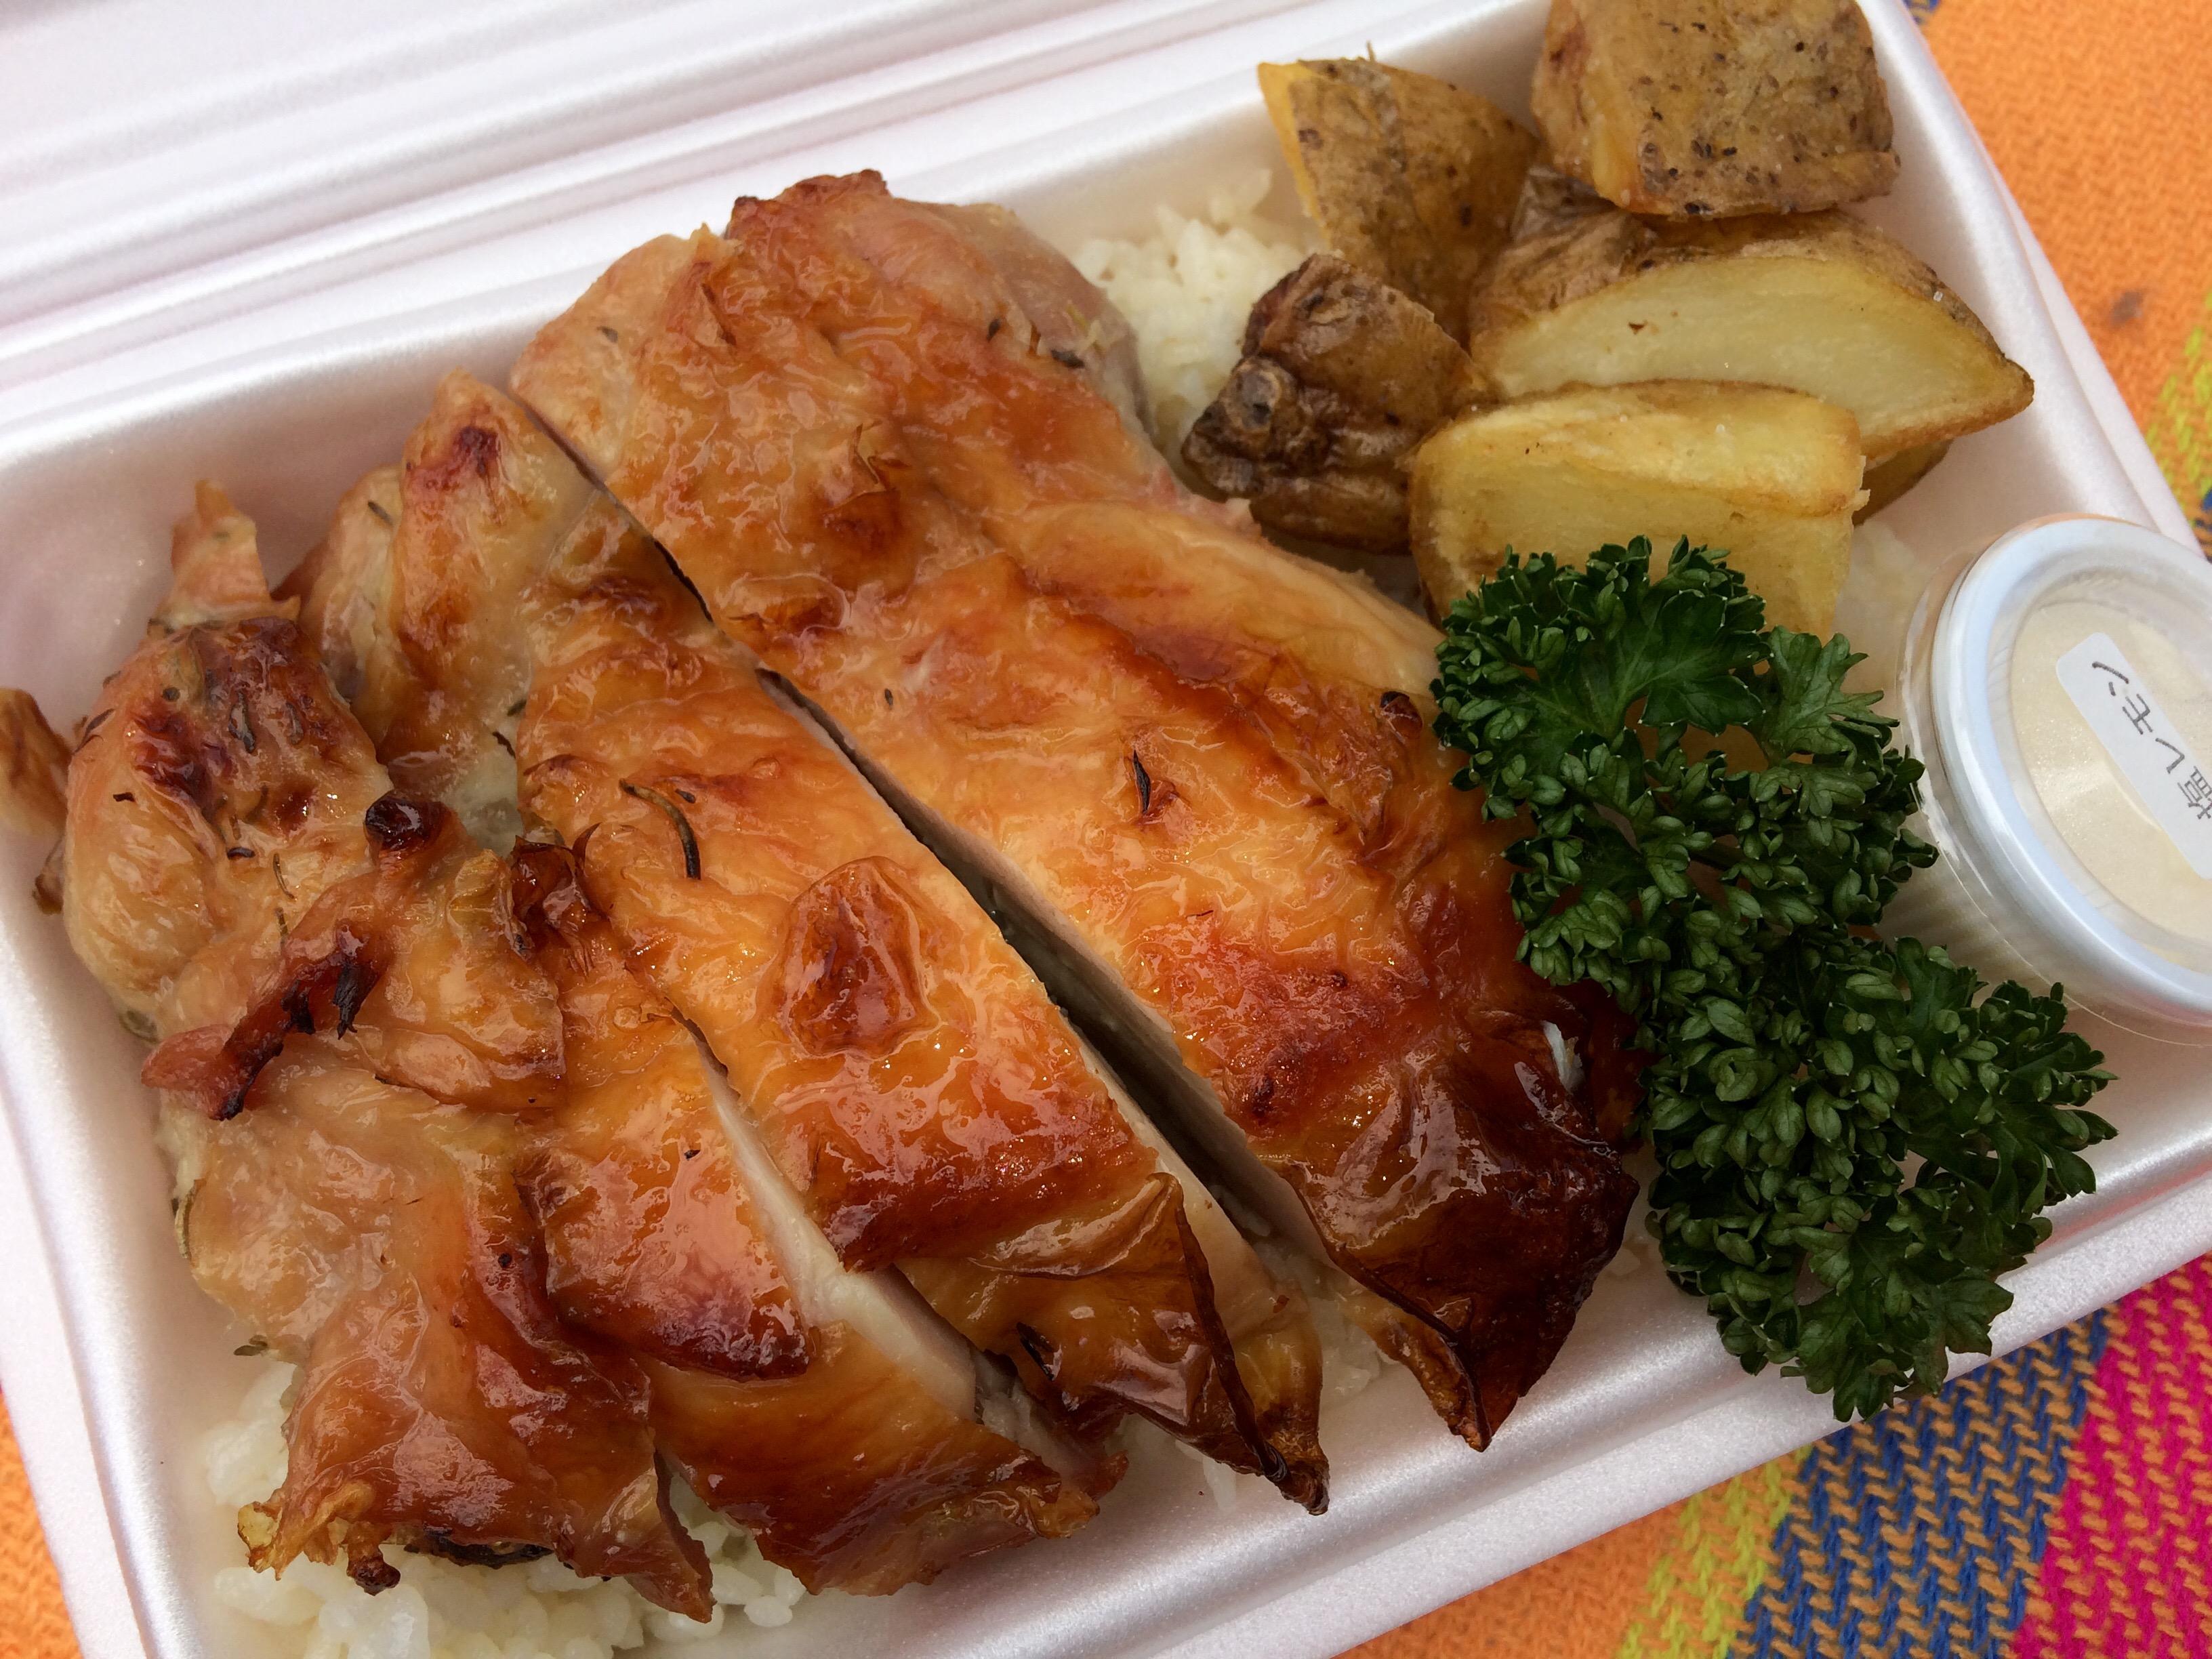 天満橋にある関西初‼︎安くて美味しいチキンオーバーライス店『ニューヨークチキングリル』♡